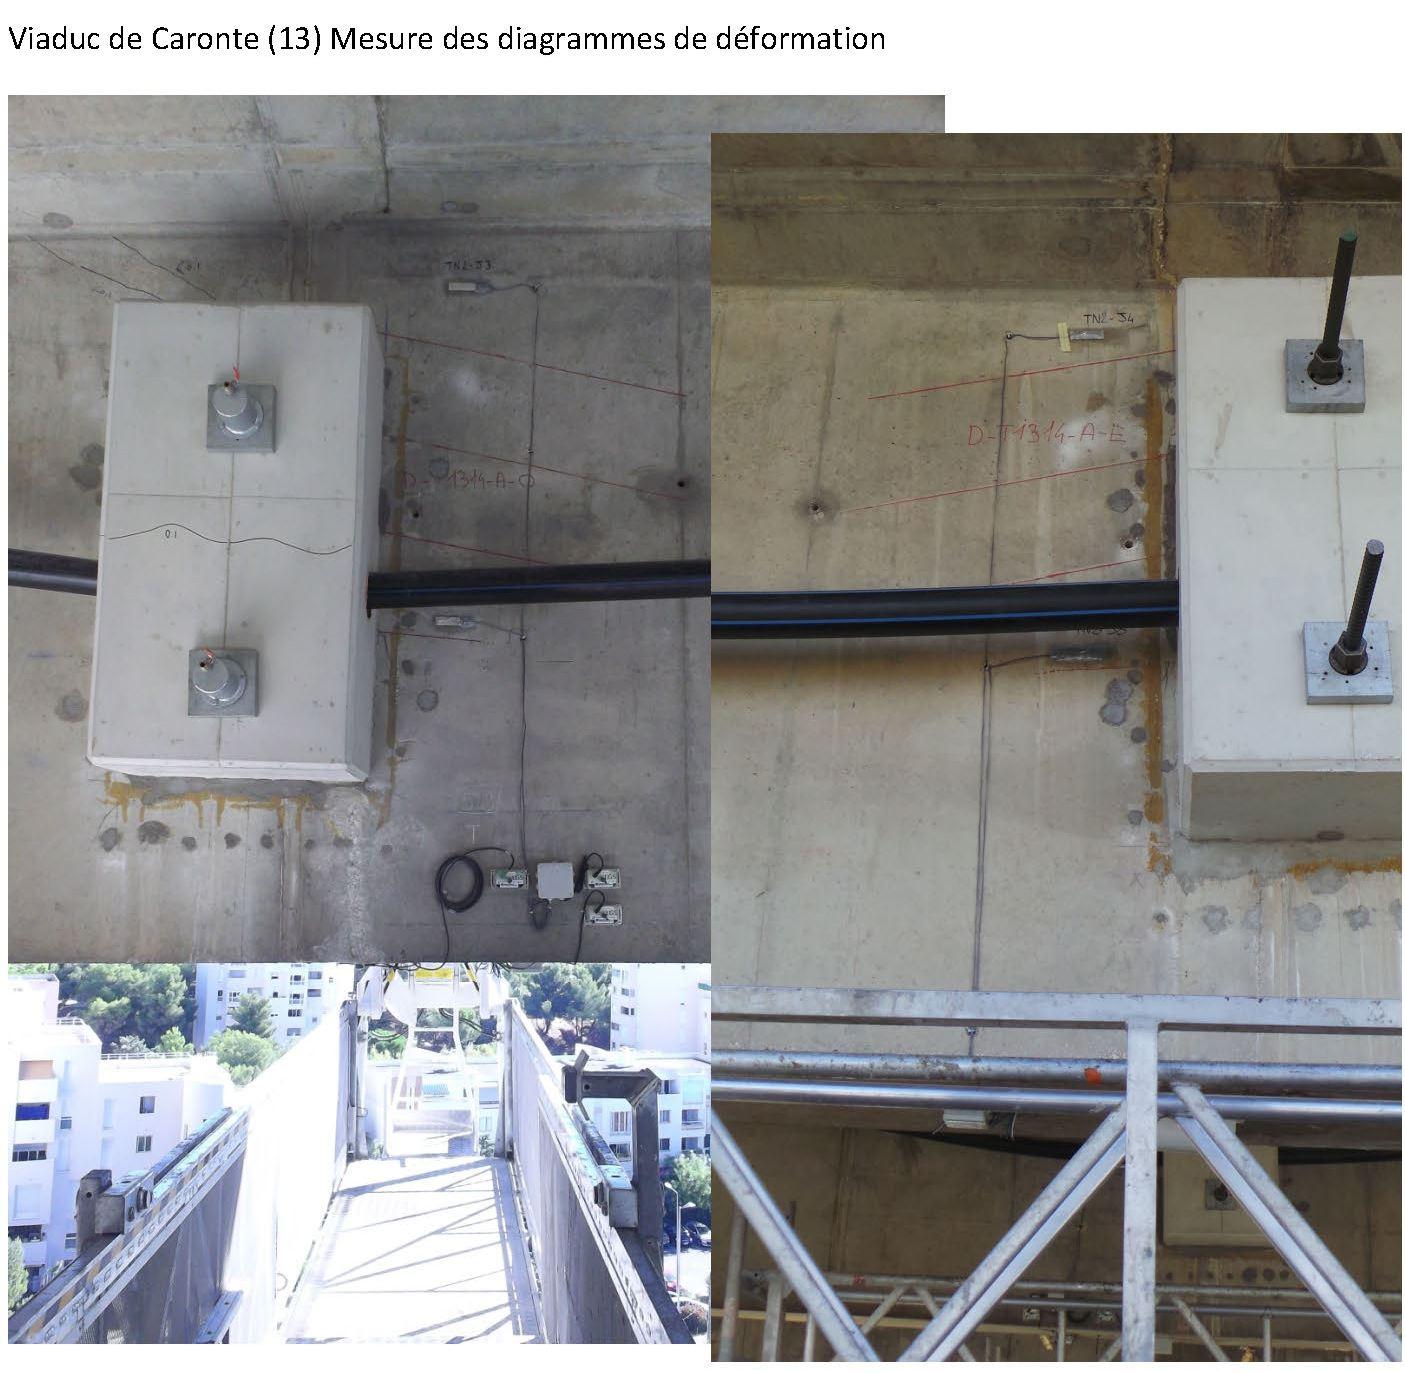 Viaduc de Caronte - Déformations